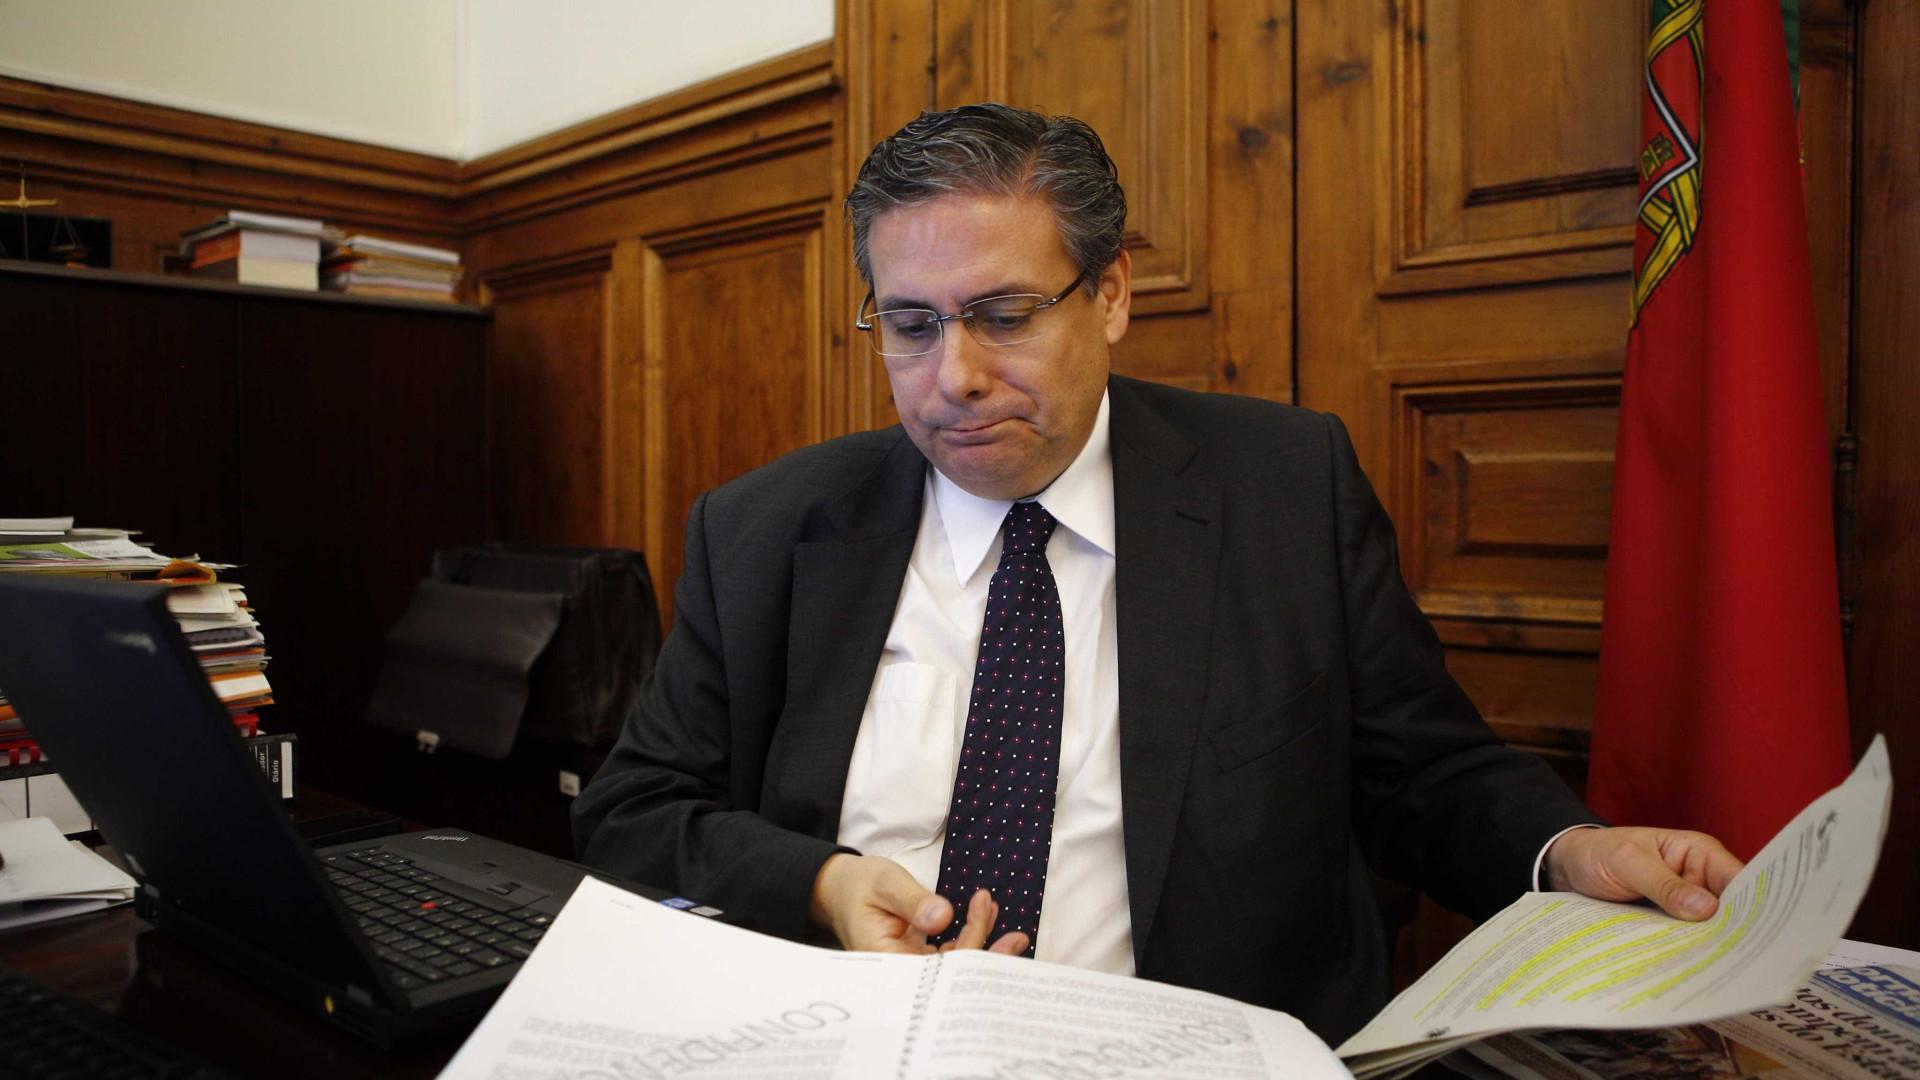 PSD diz que parlamento pode ter acesso a relatório de Pedrógão na íntegra